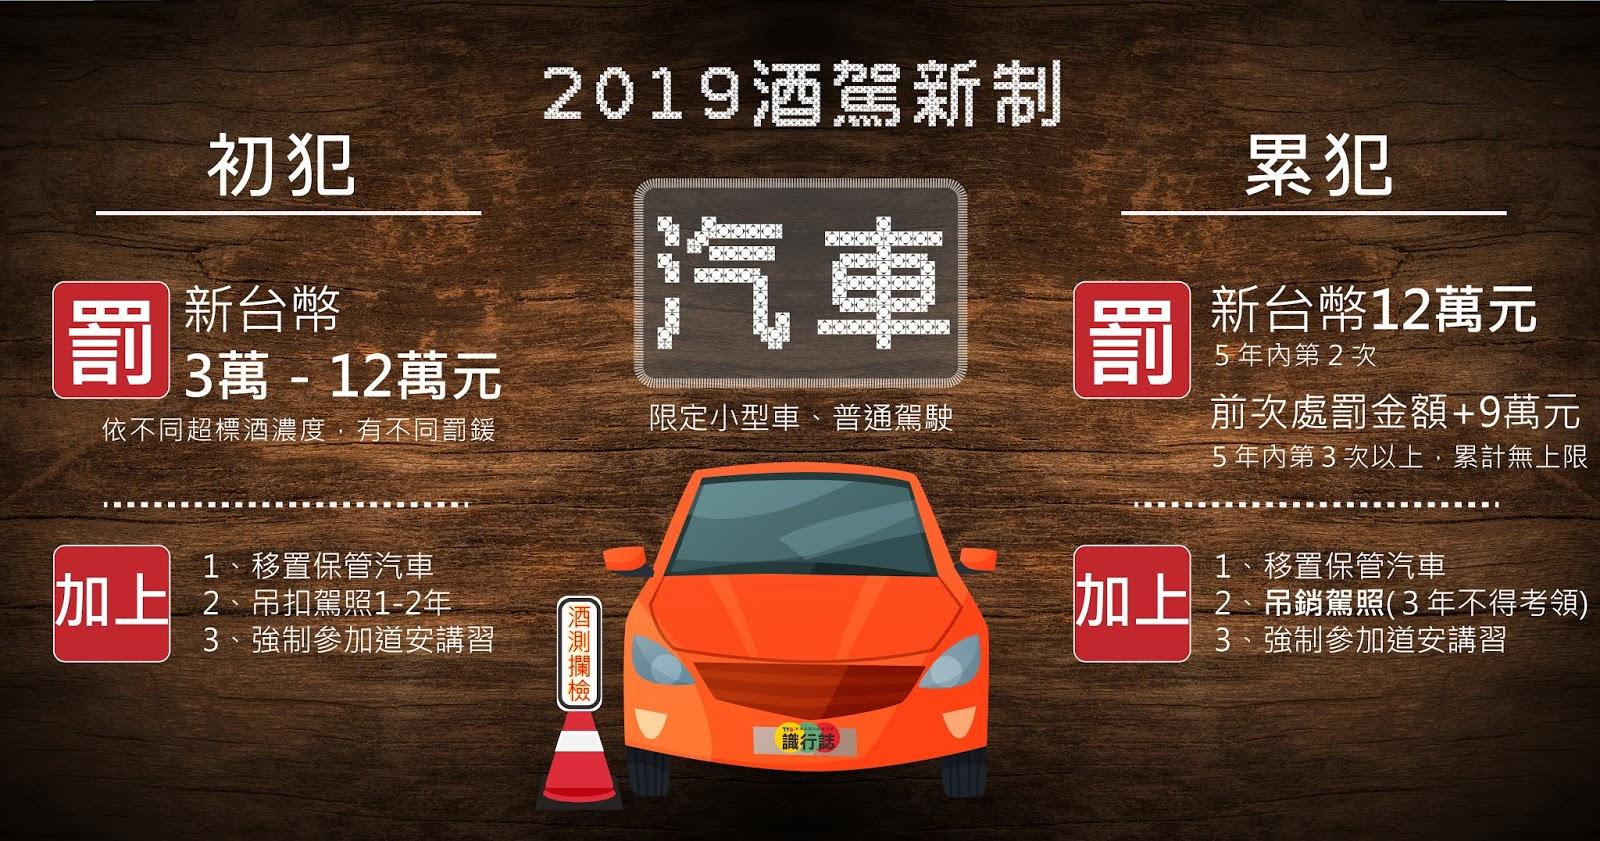 2019酒駕新制-汽車罰鍰金額,初犯、累犯,不同酒駕罰鍰